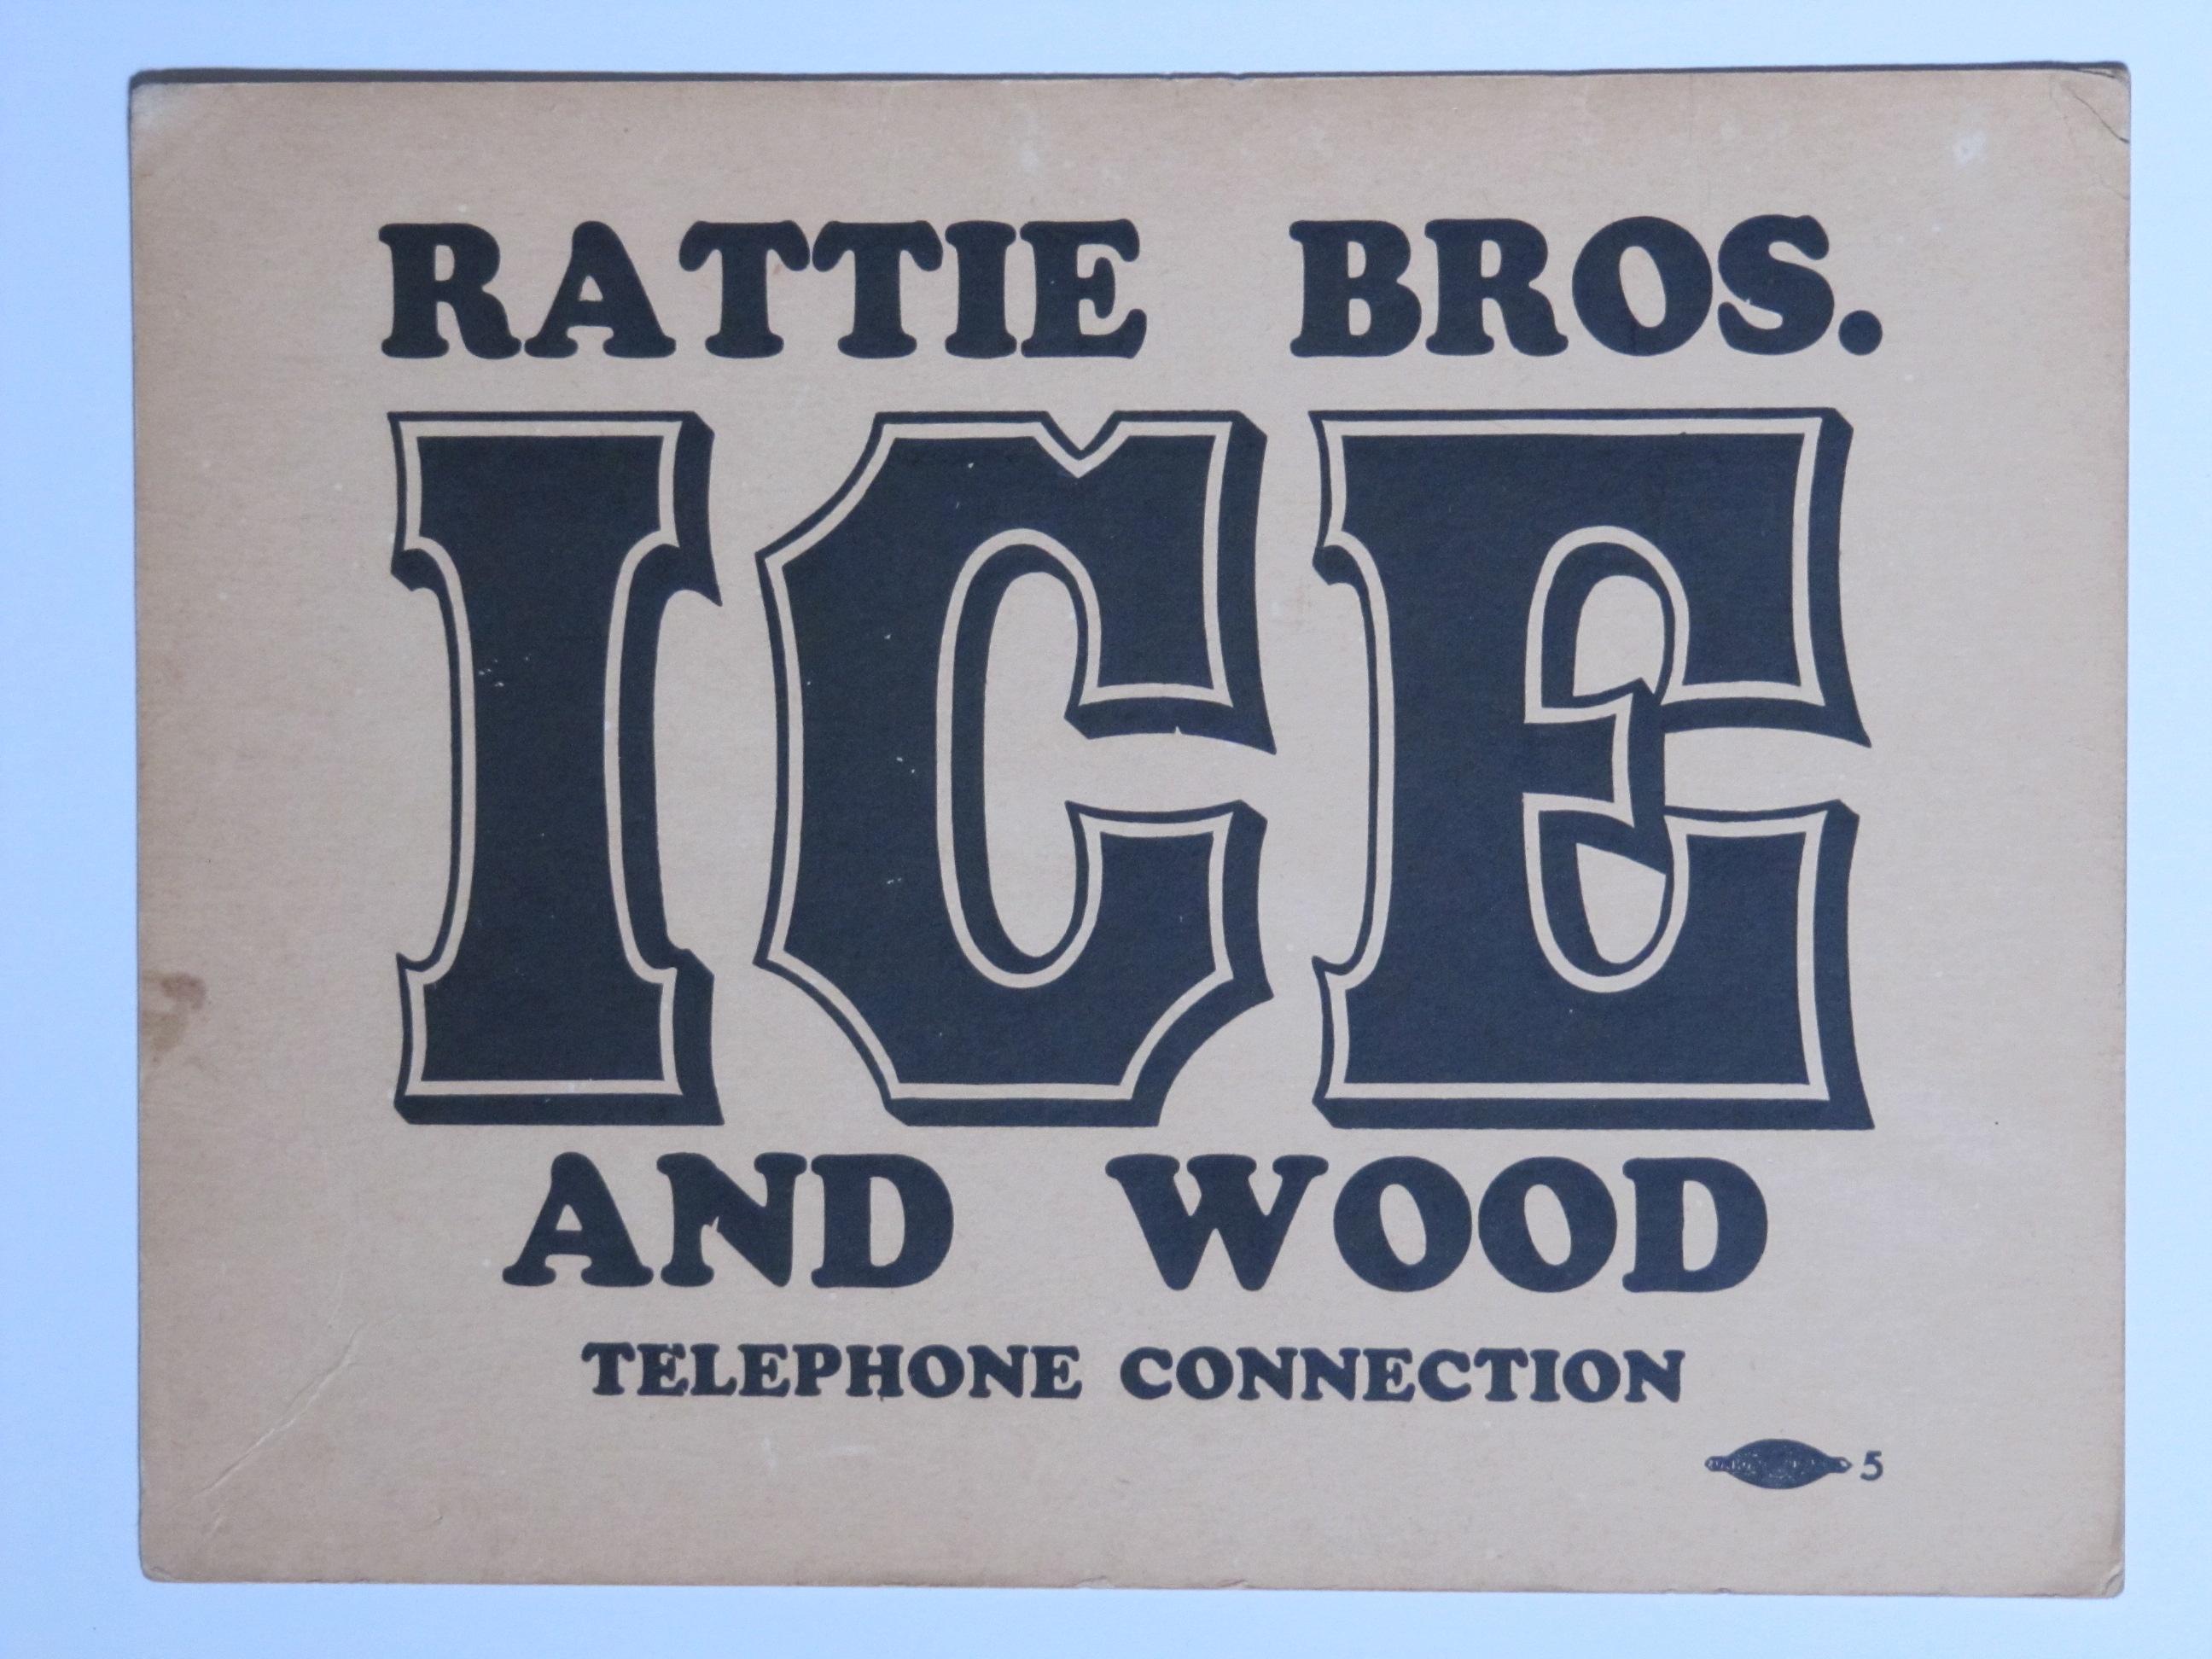 Rattie Bros